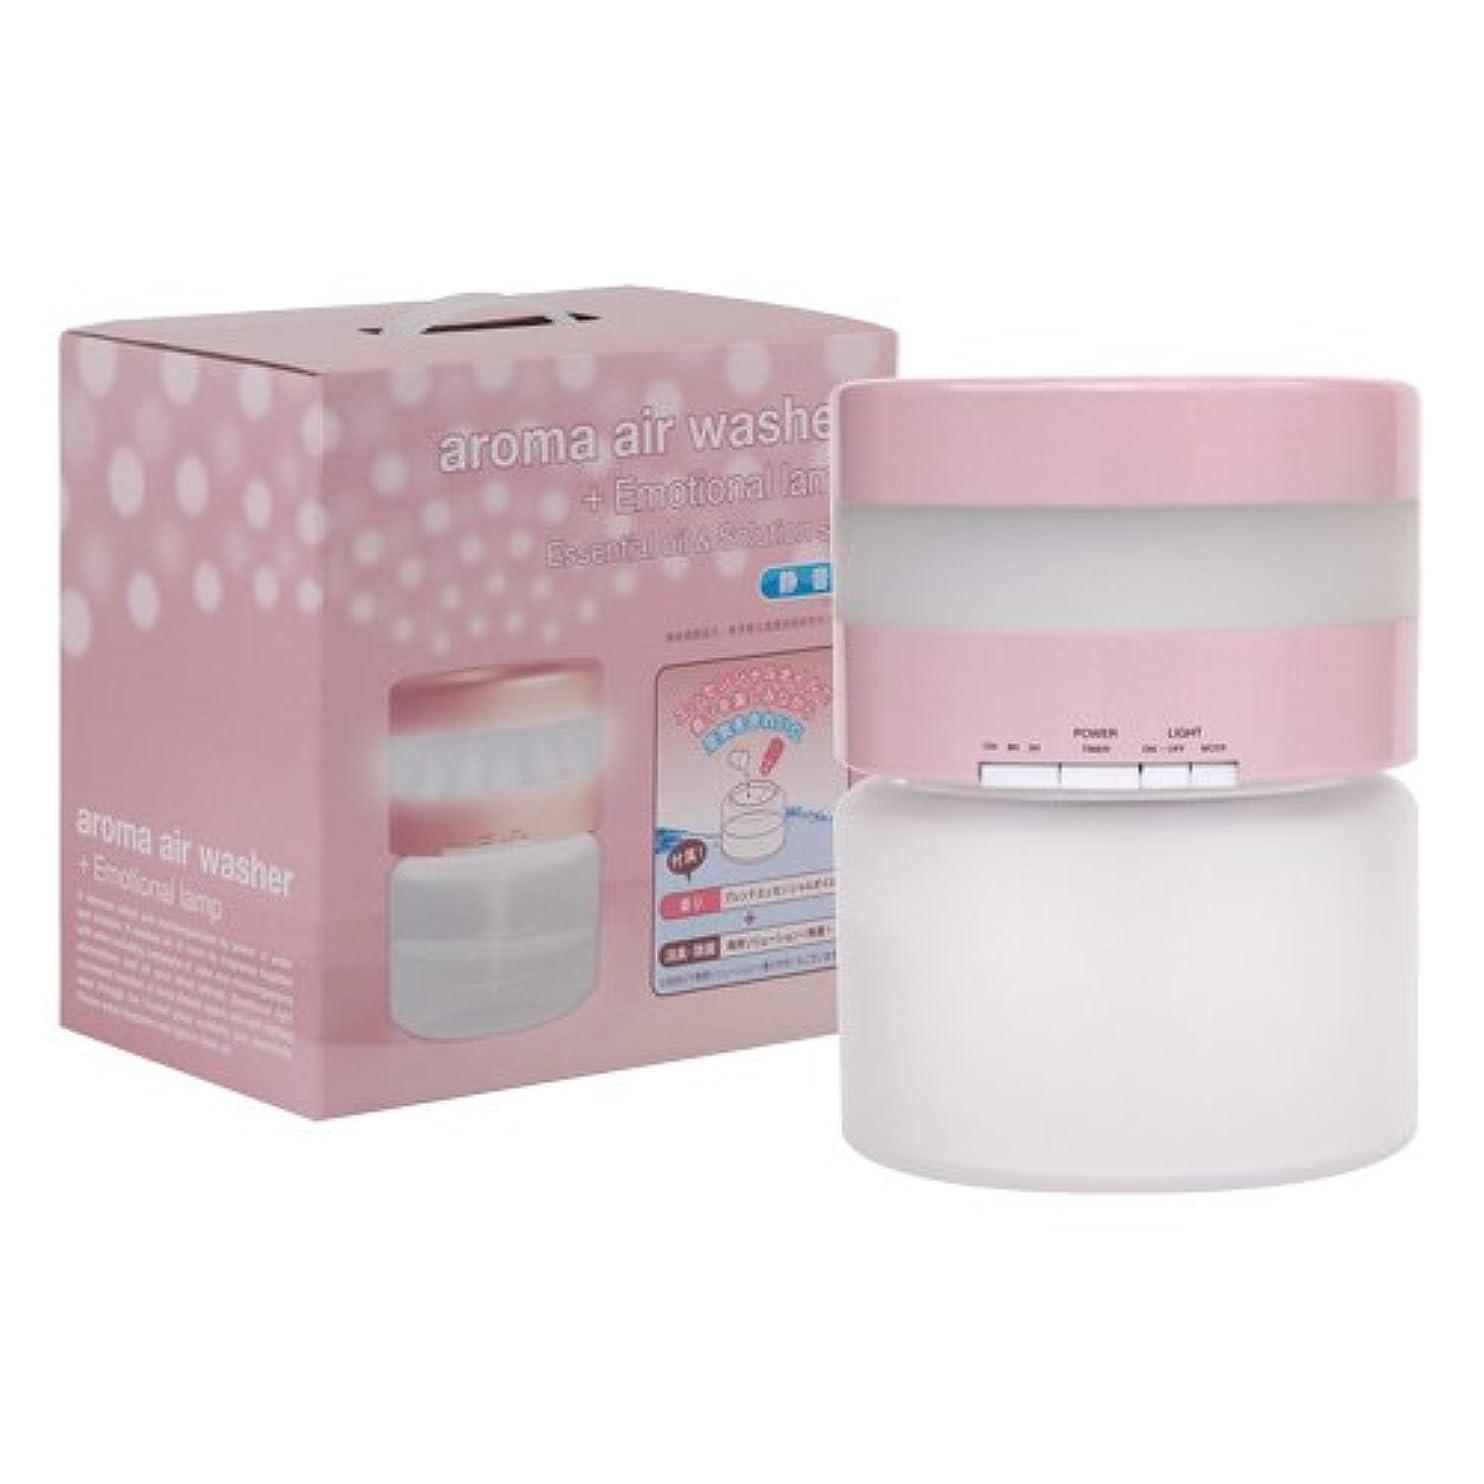 砂の選出する残忍な空気洗浄器 アロマエアウォッシャー + エモーショナルランプ ピンク